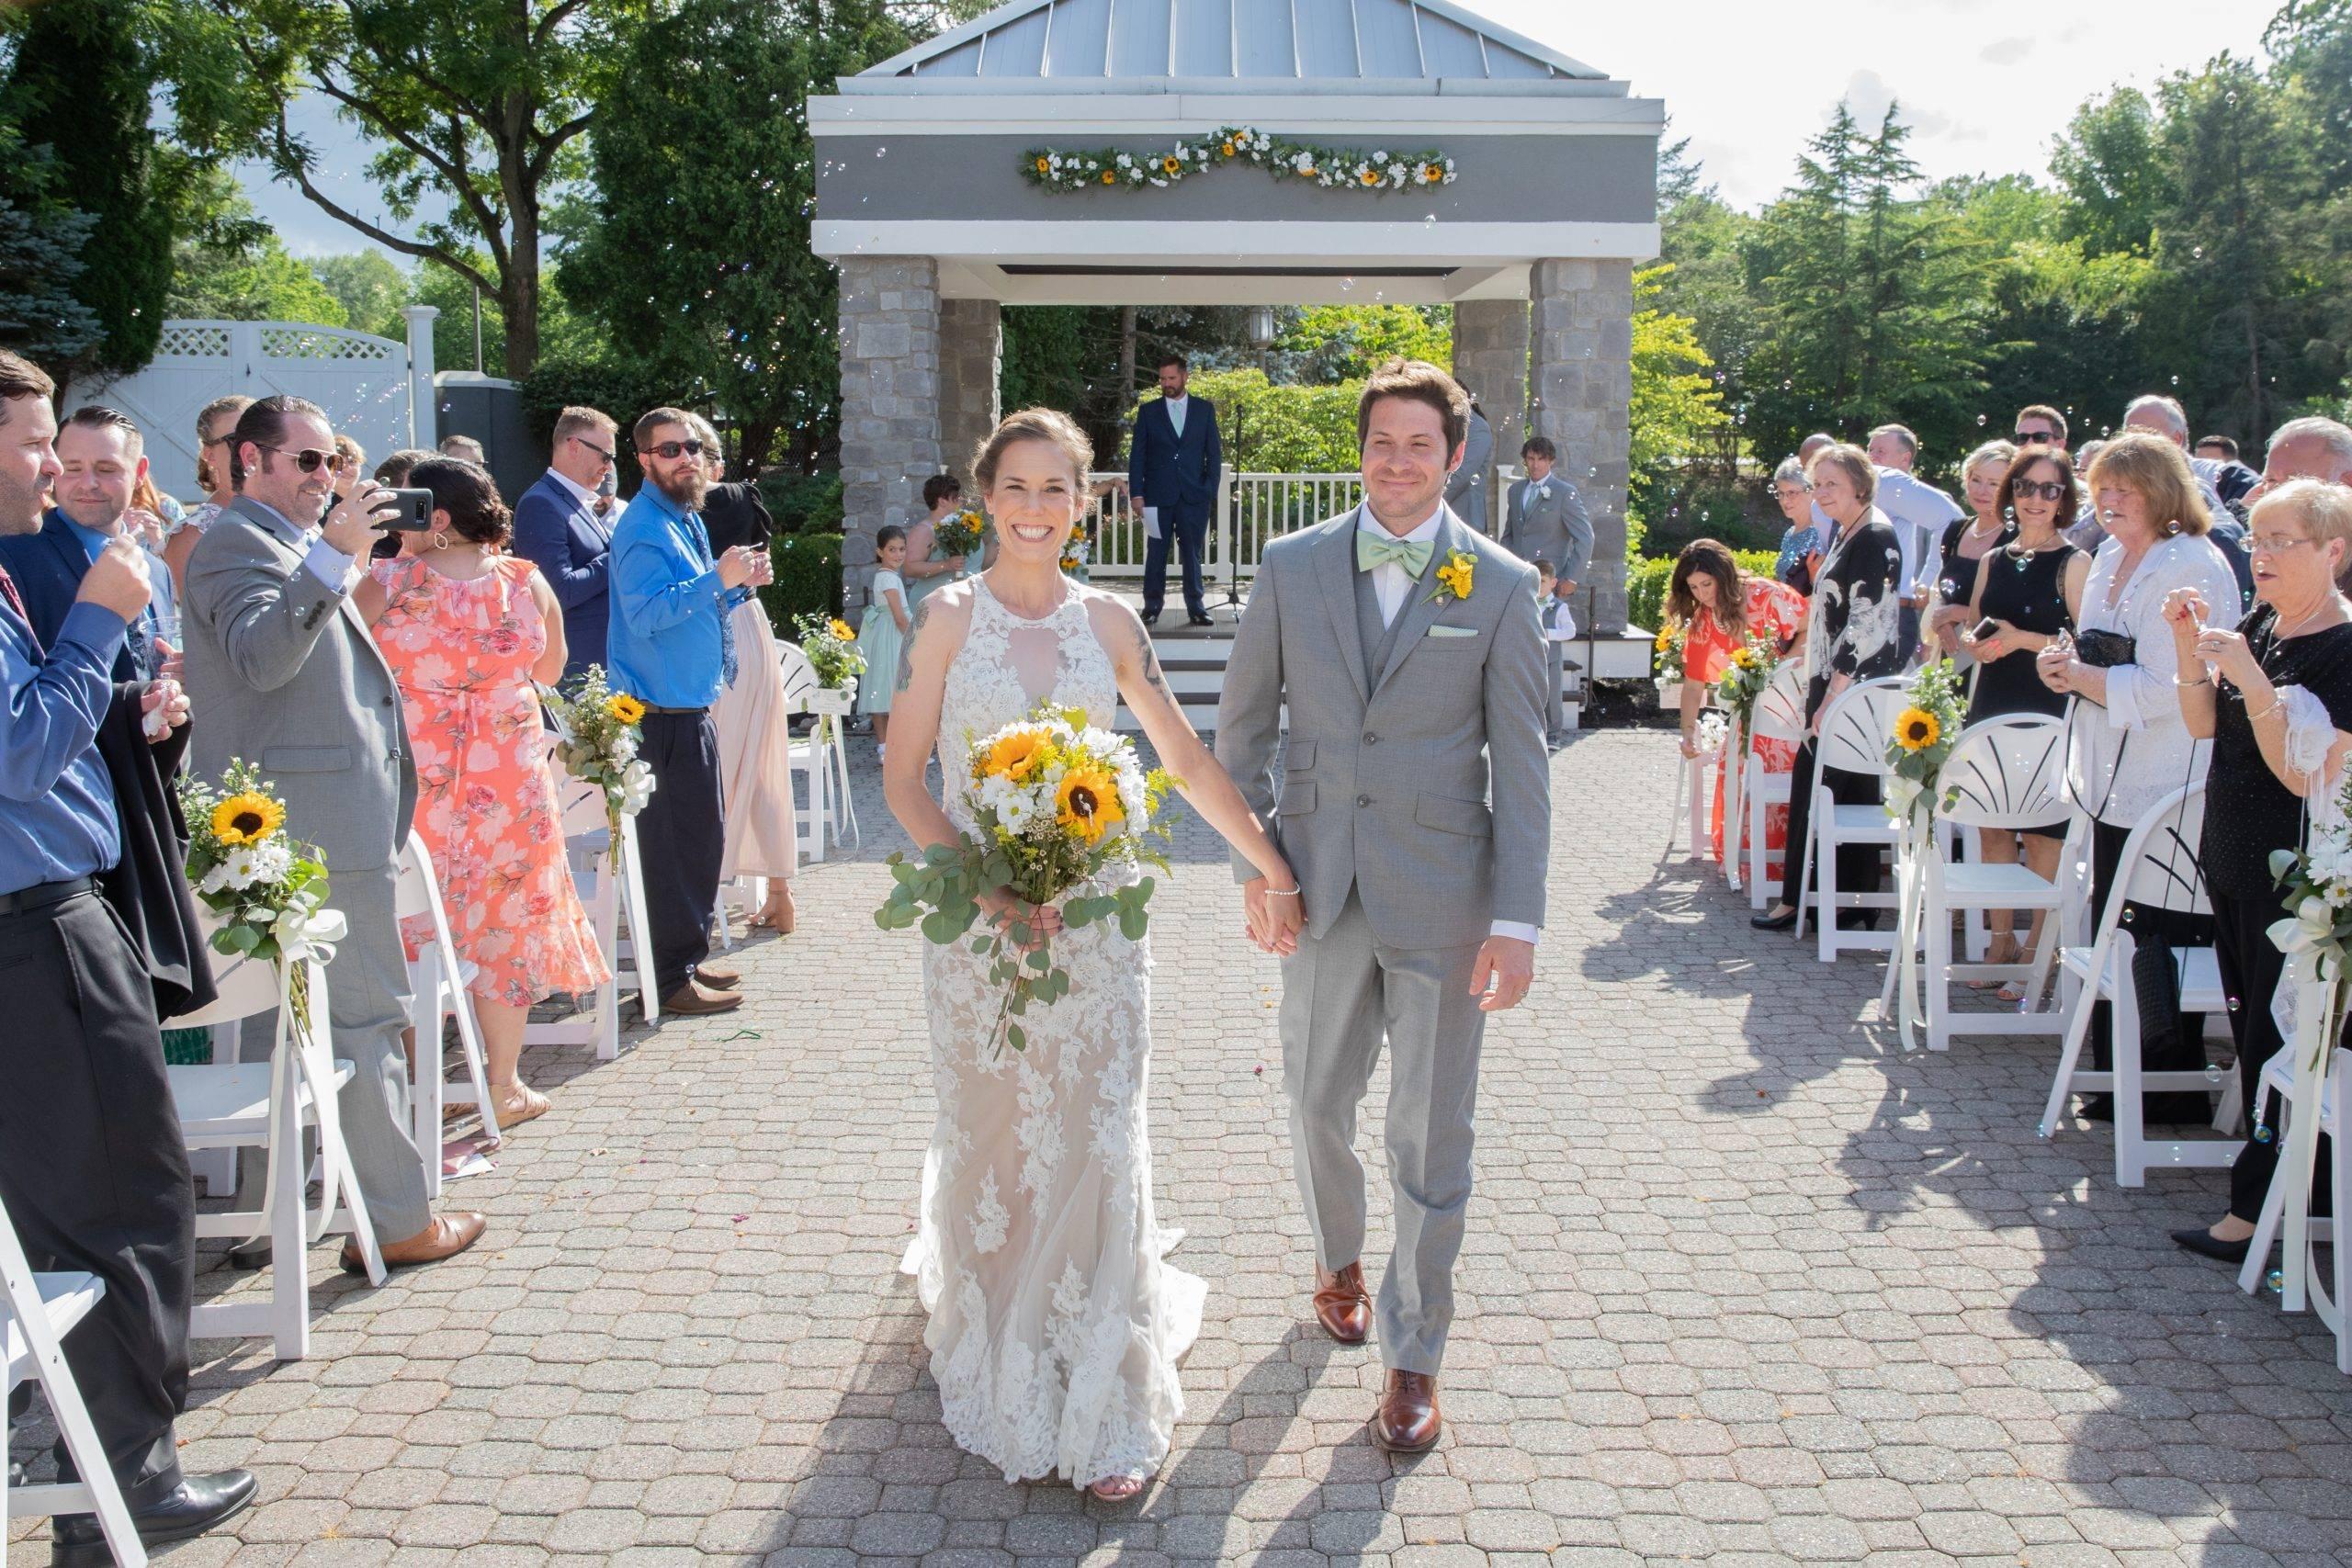 Bridgewater Manor bride and groom in outdoor wedding ceremony